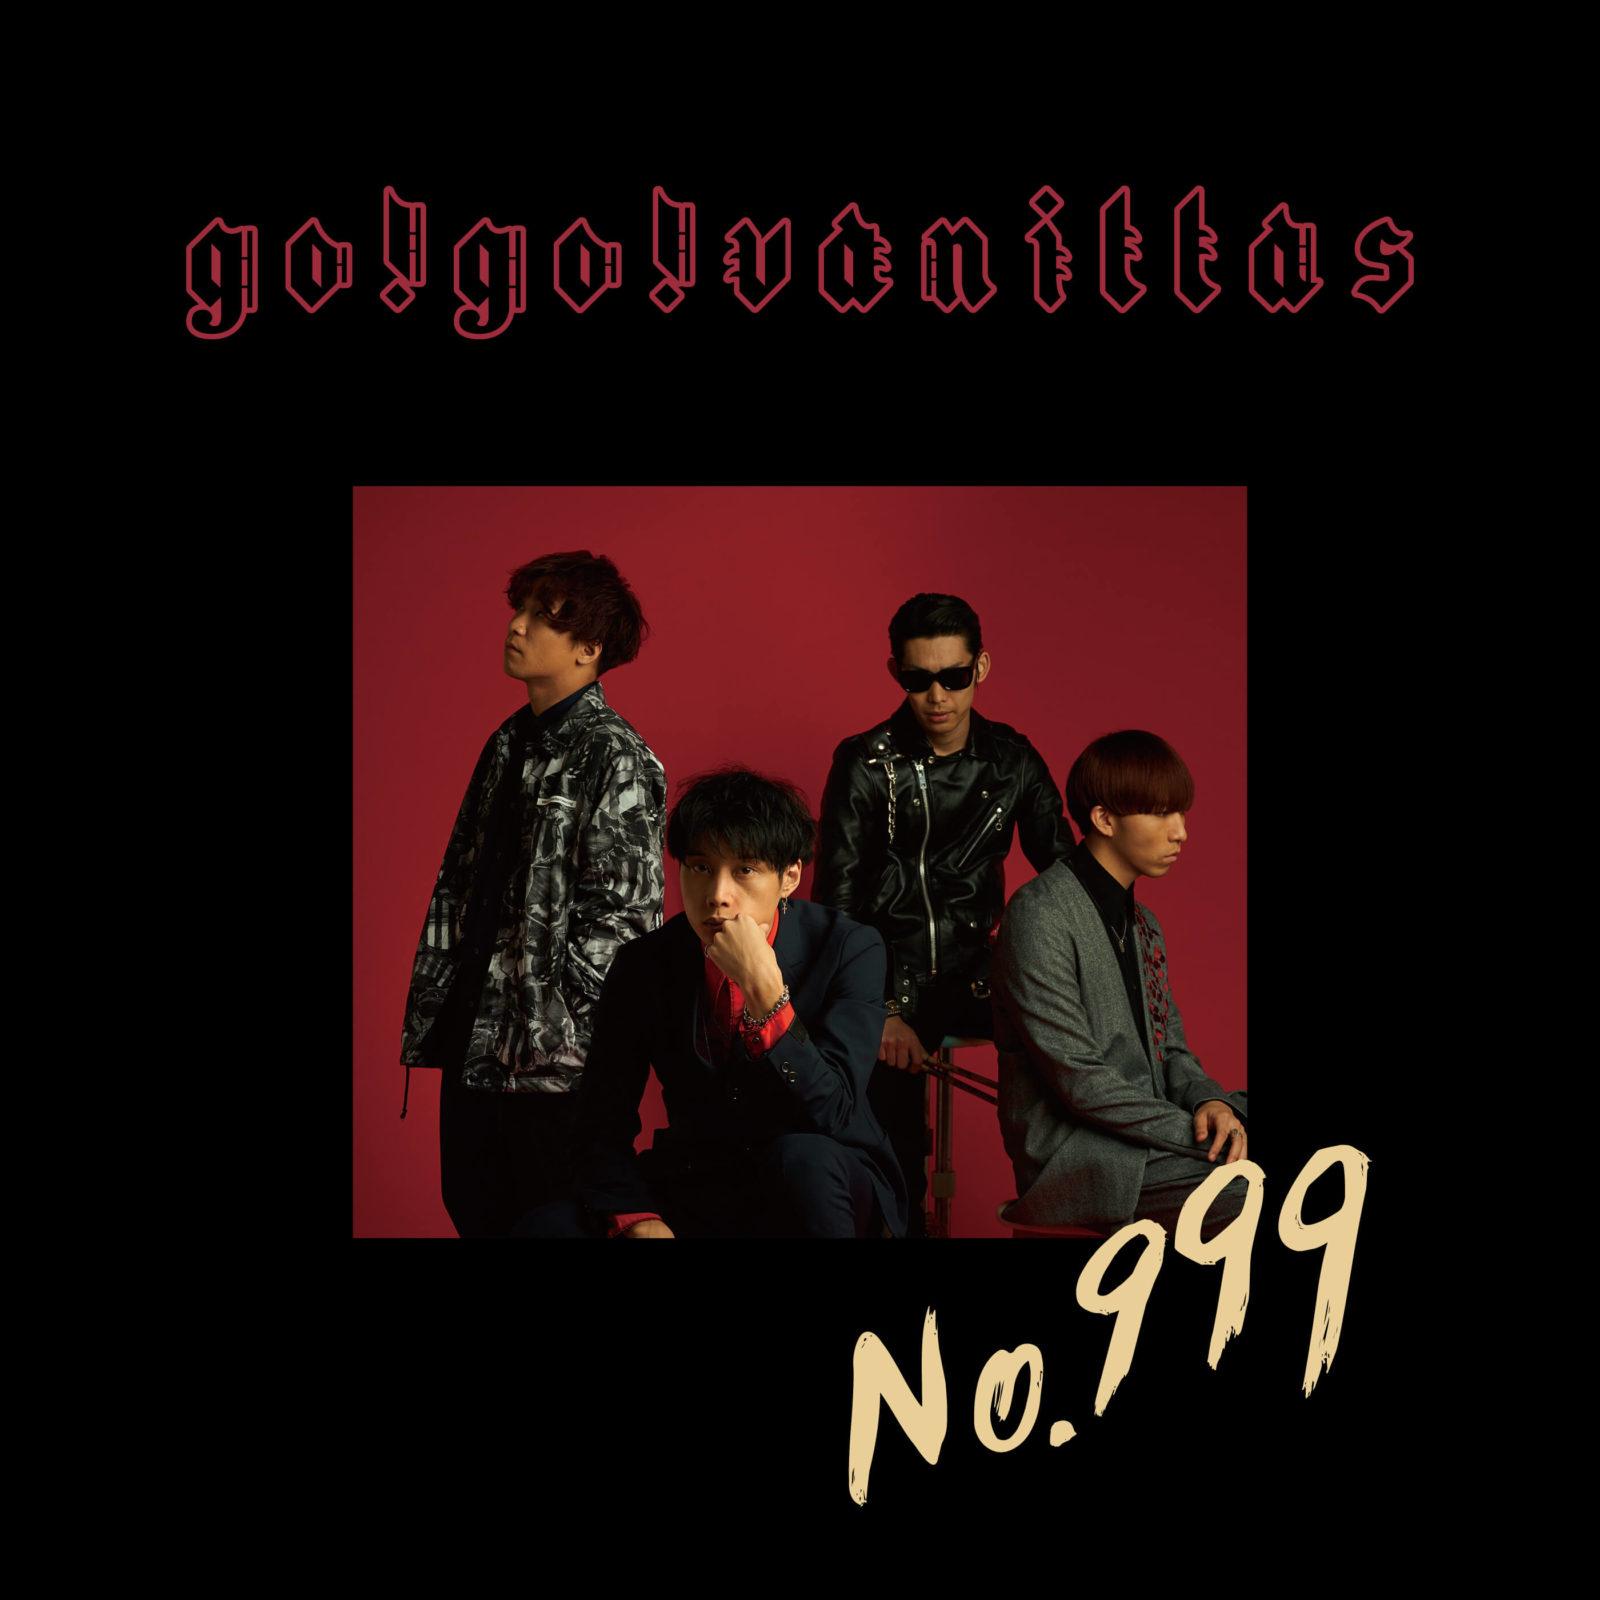 go!go!vanillas ニューシングル「No.999」 MV&音源の先行配信スタートサムネイル画像